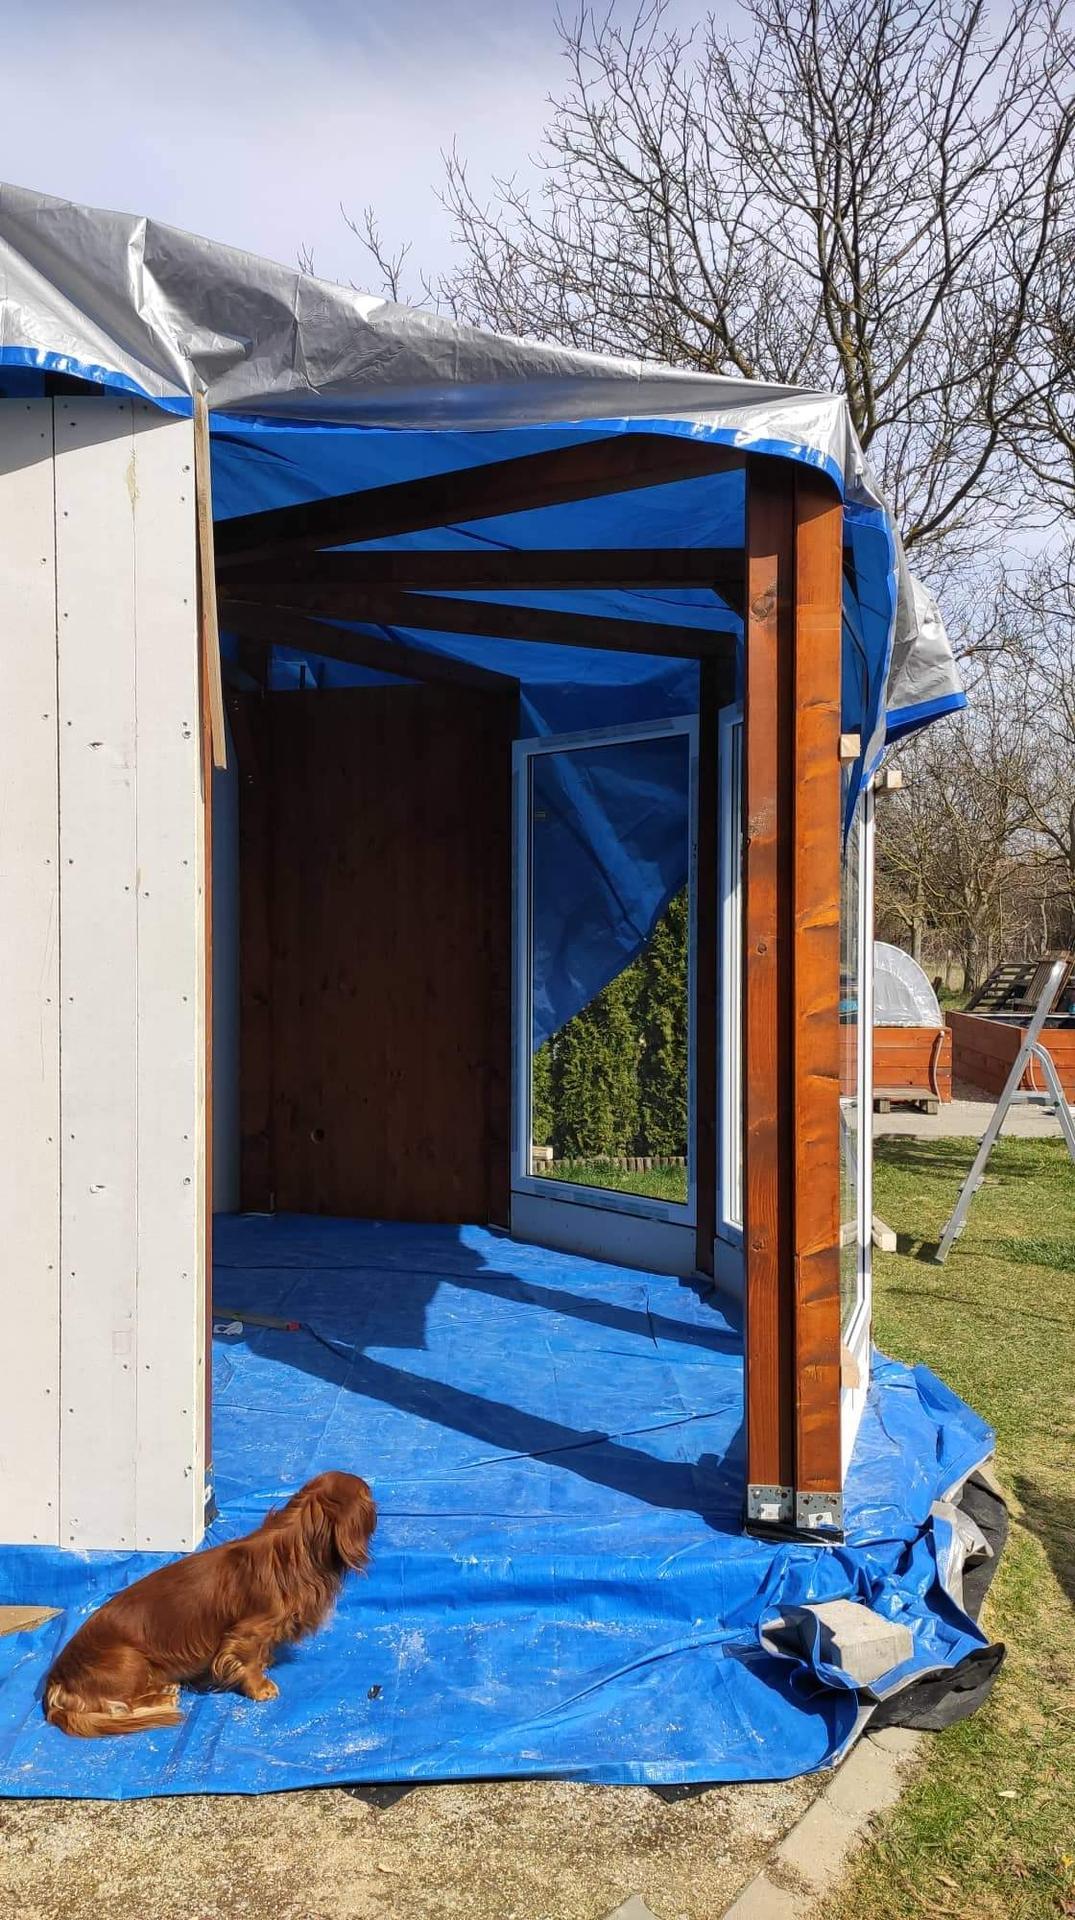 Relaxačný domček sauna a oddychová miestnosť ... plány, príprava a realizácia - Obrázok č. 83